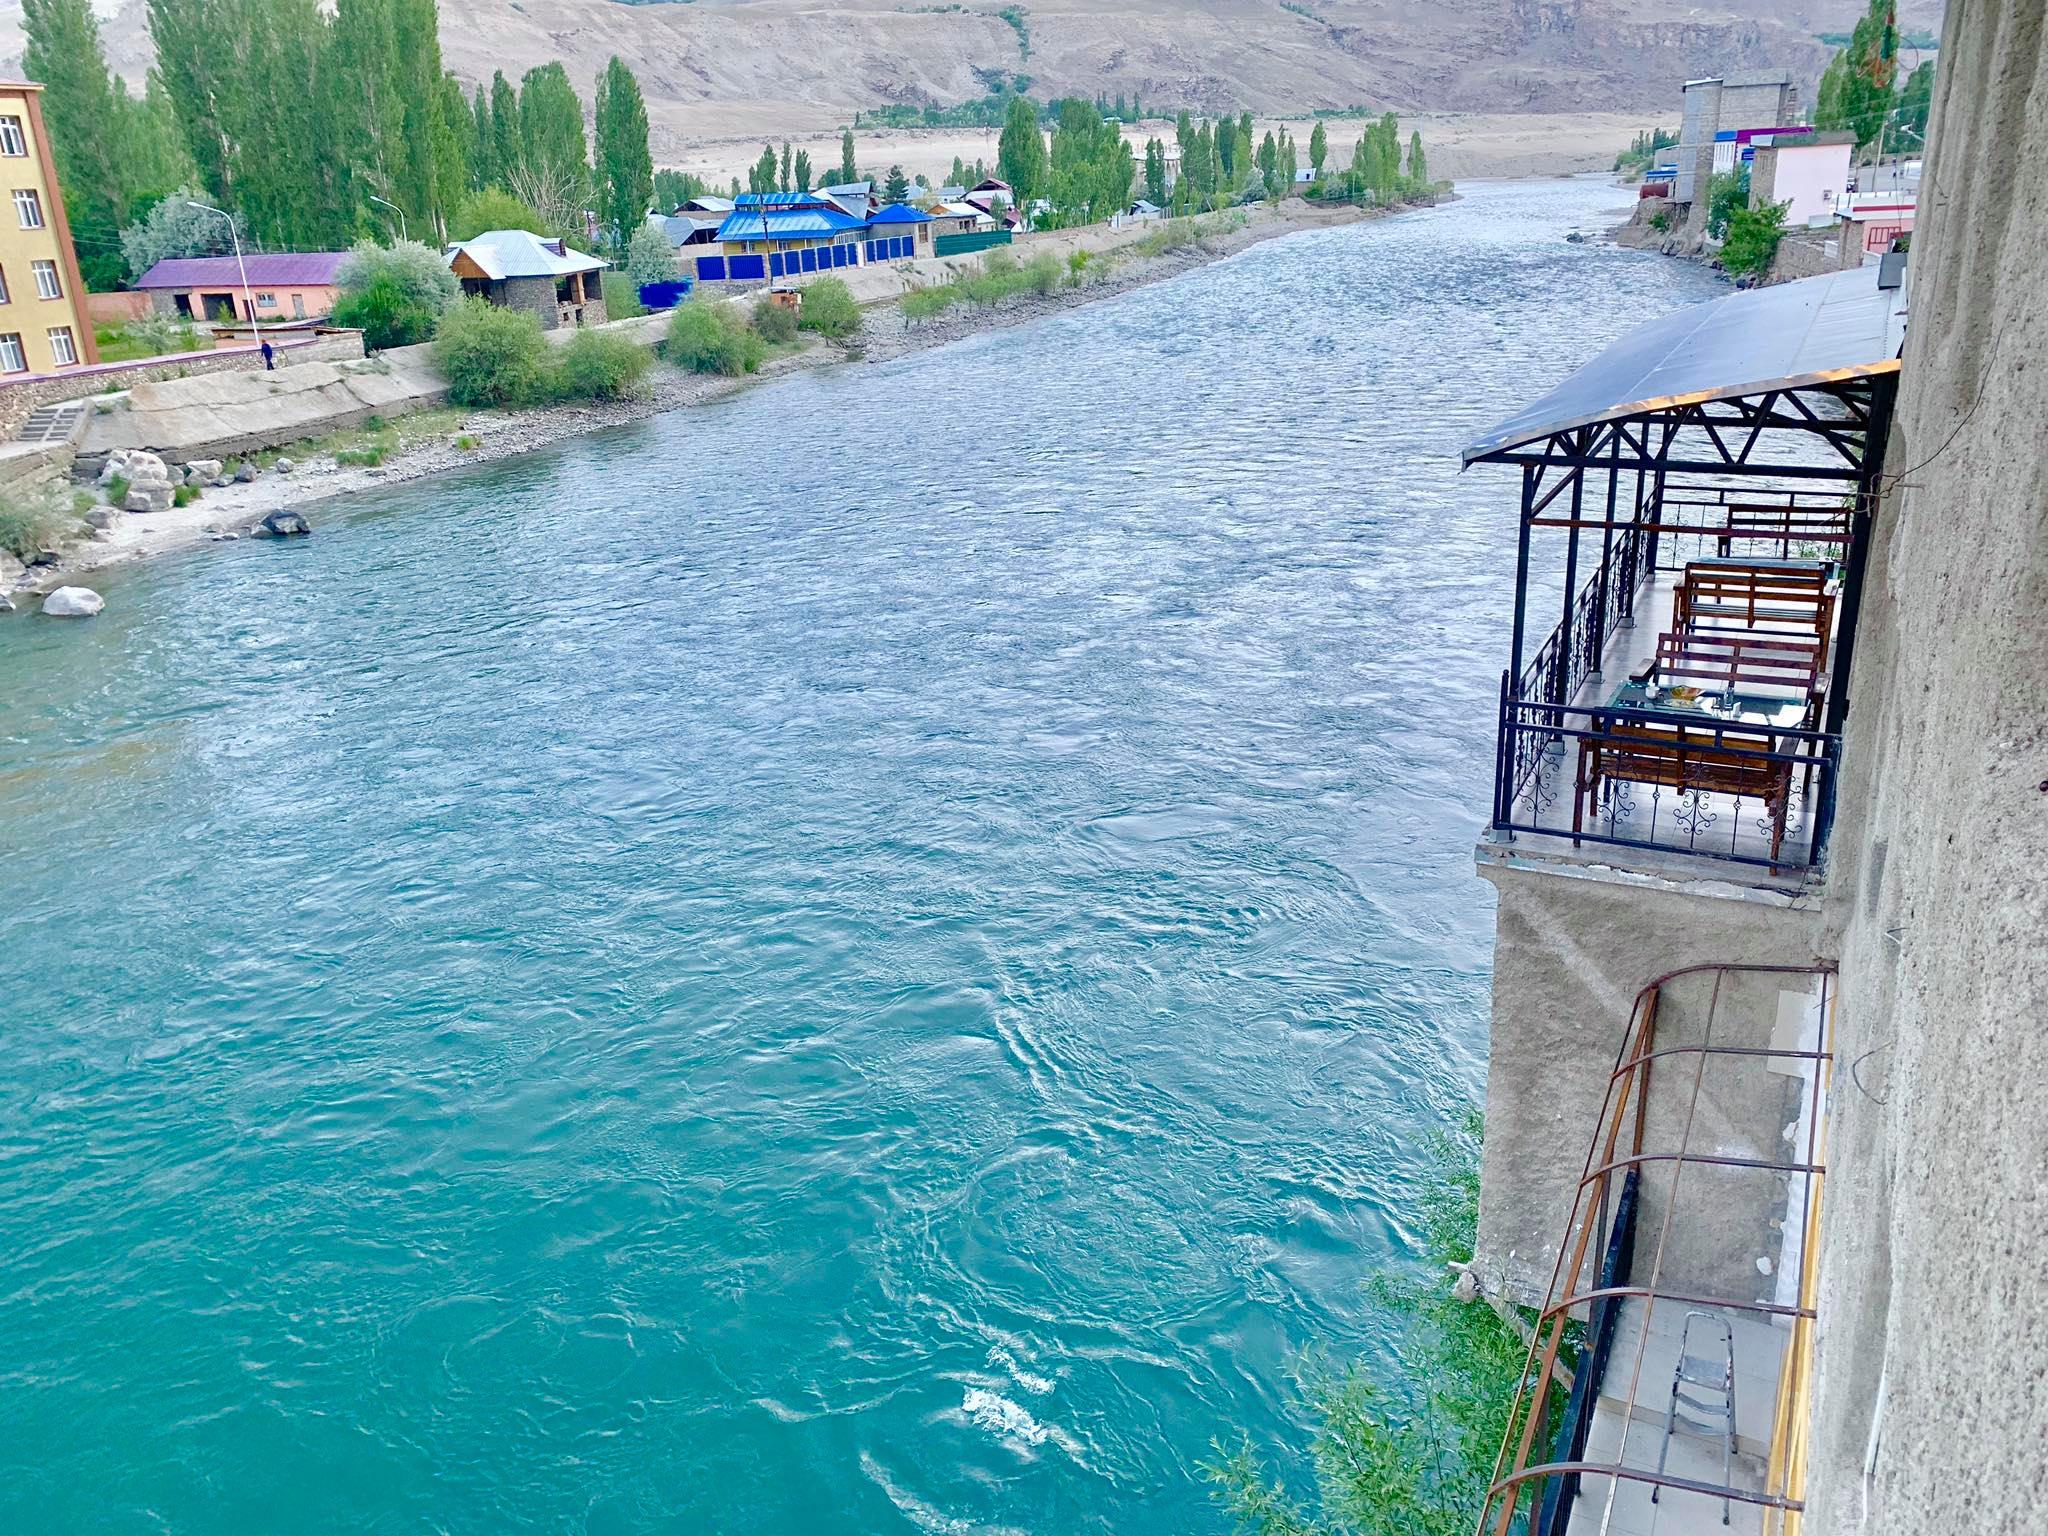 Kach Solo Travels in 2019 Pamir Highway Trip in Tajikistan11.jpg